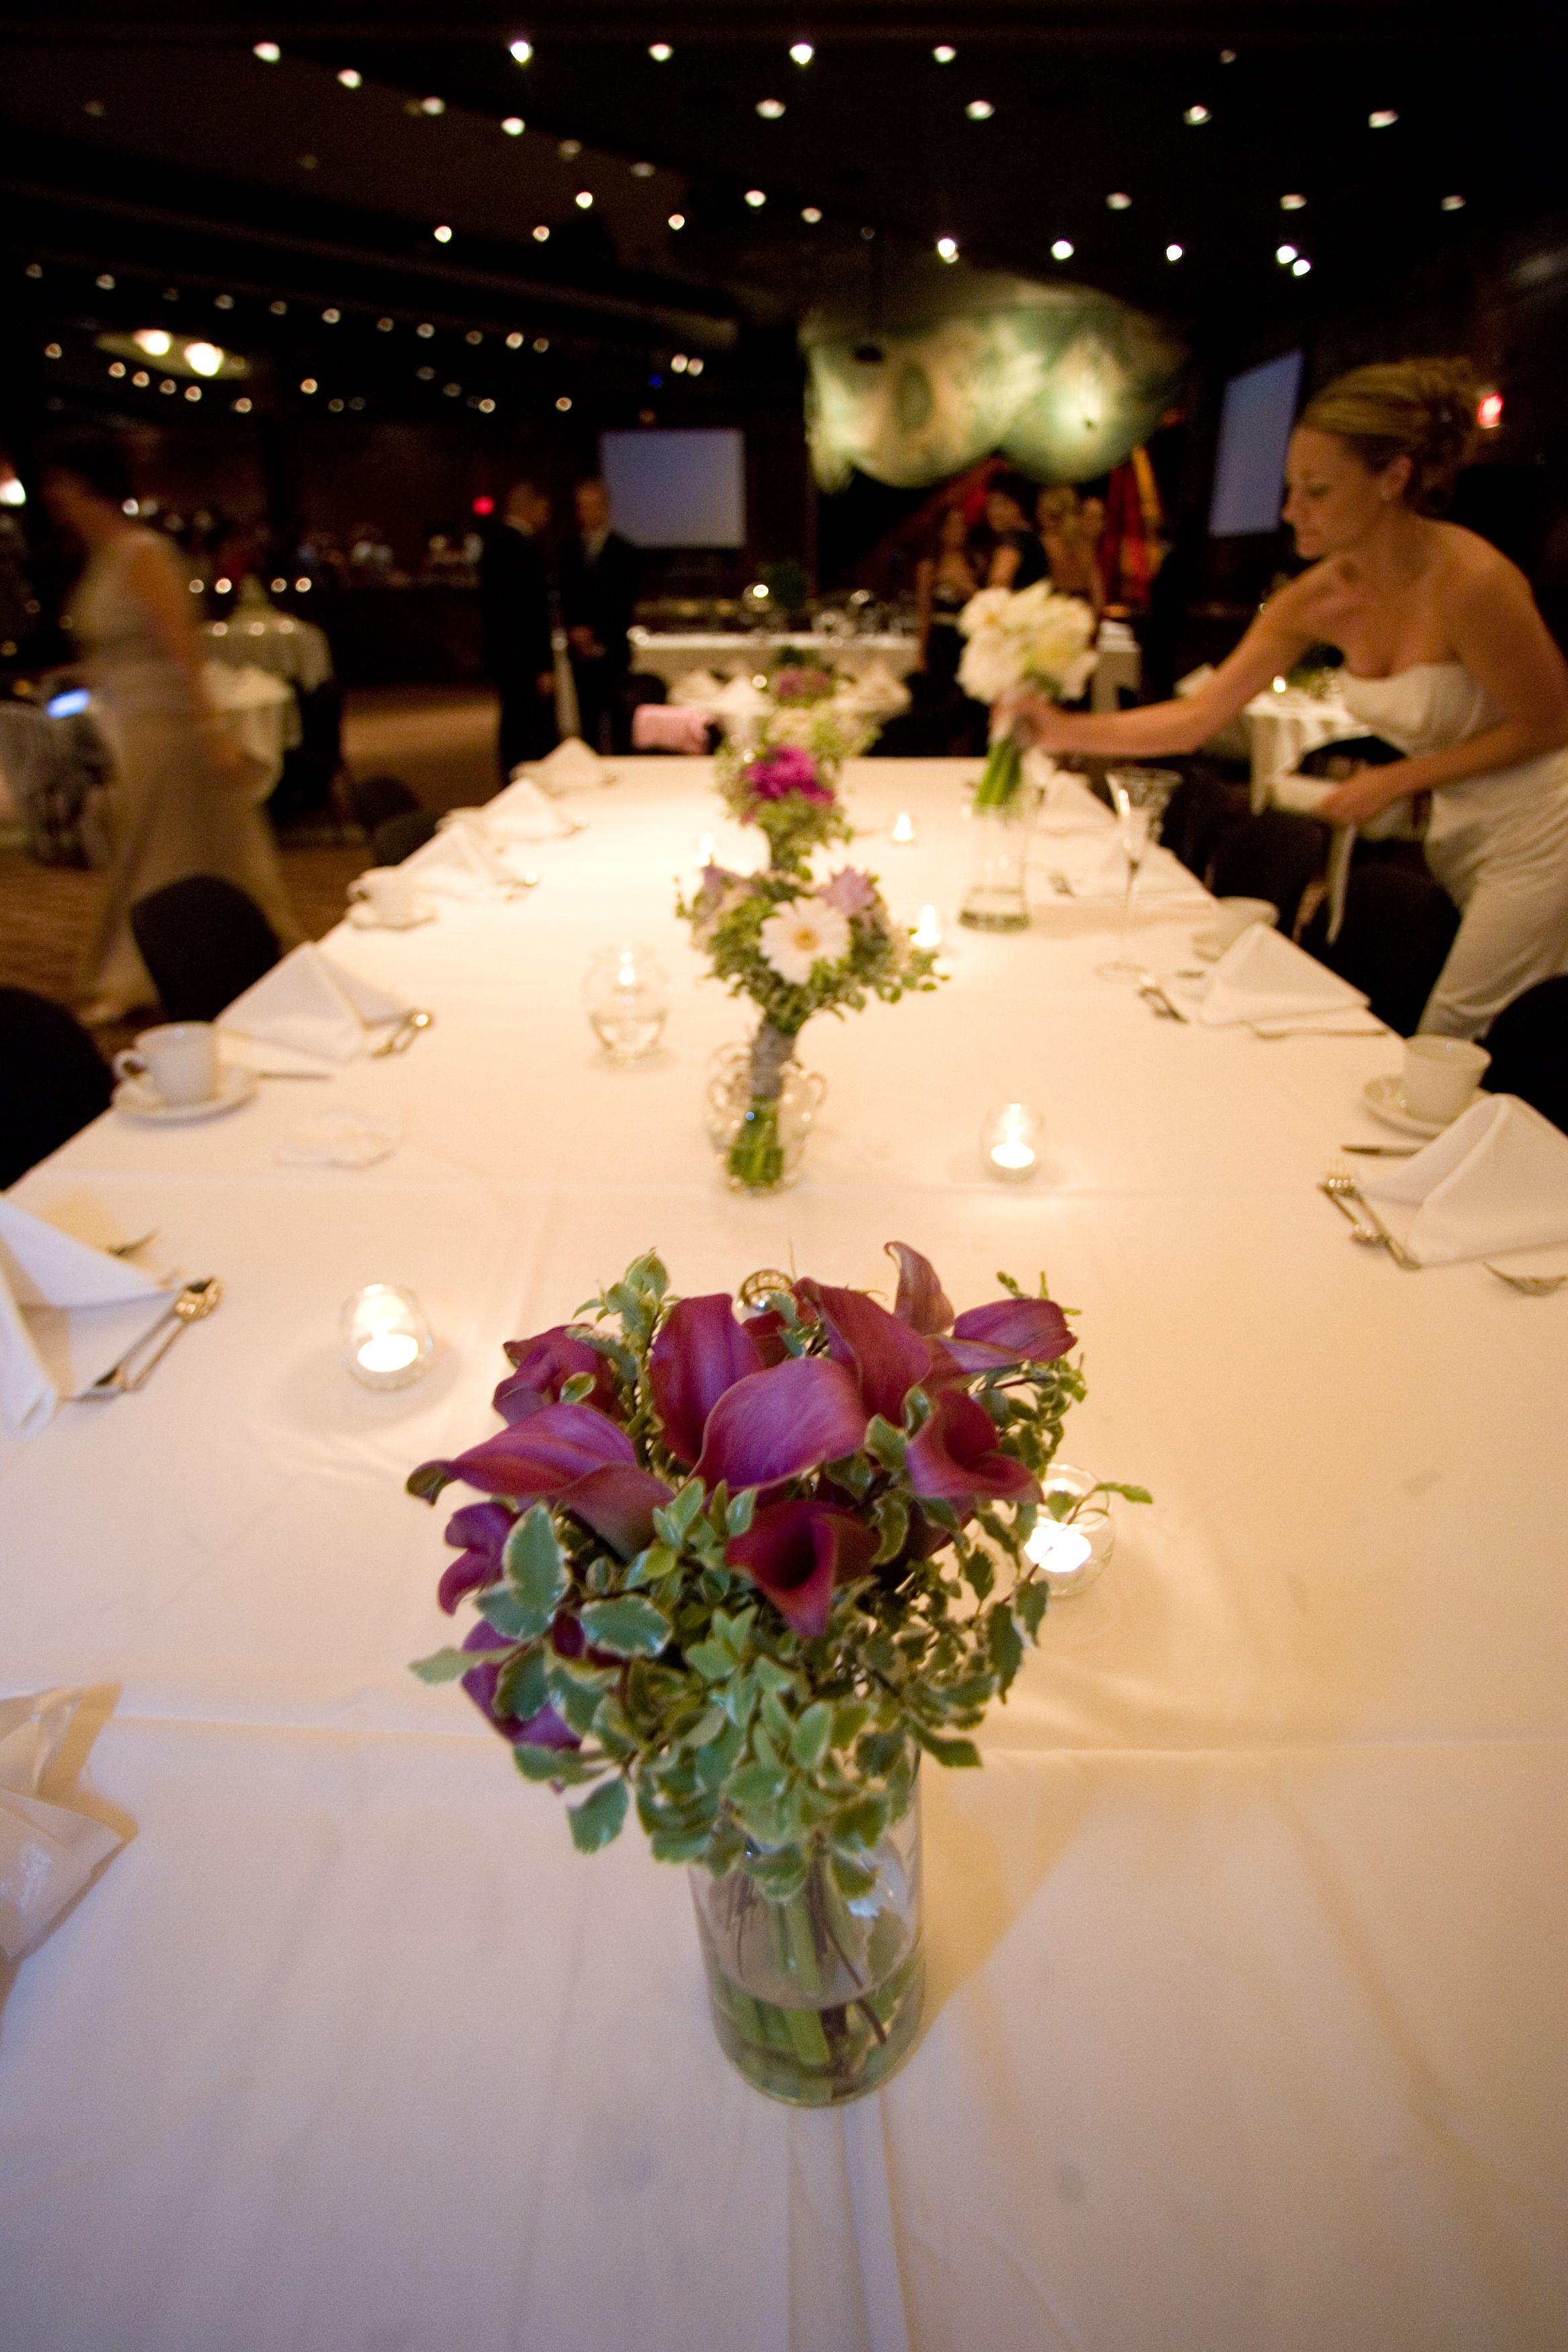 #Minnesota #weddings